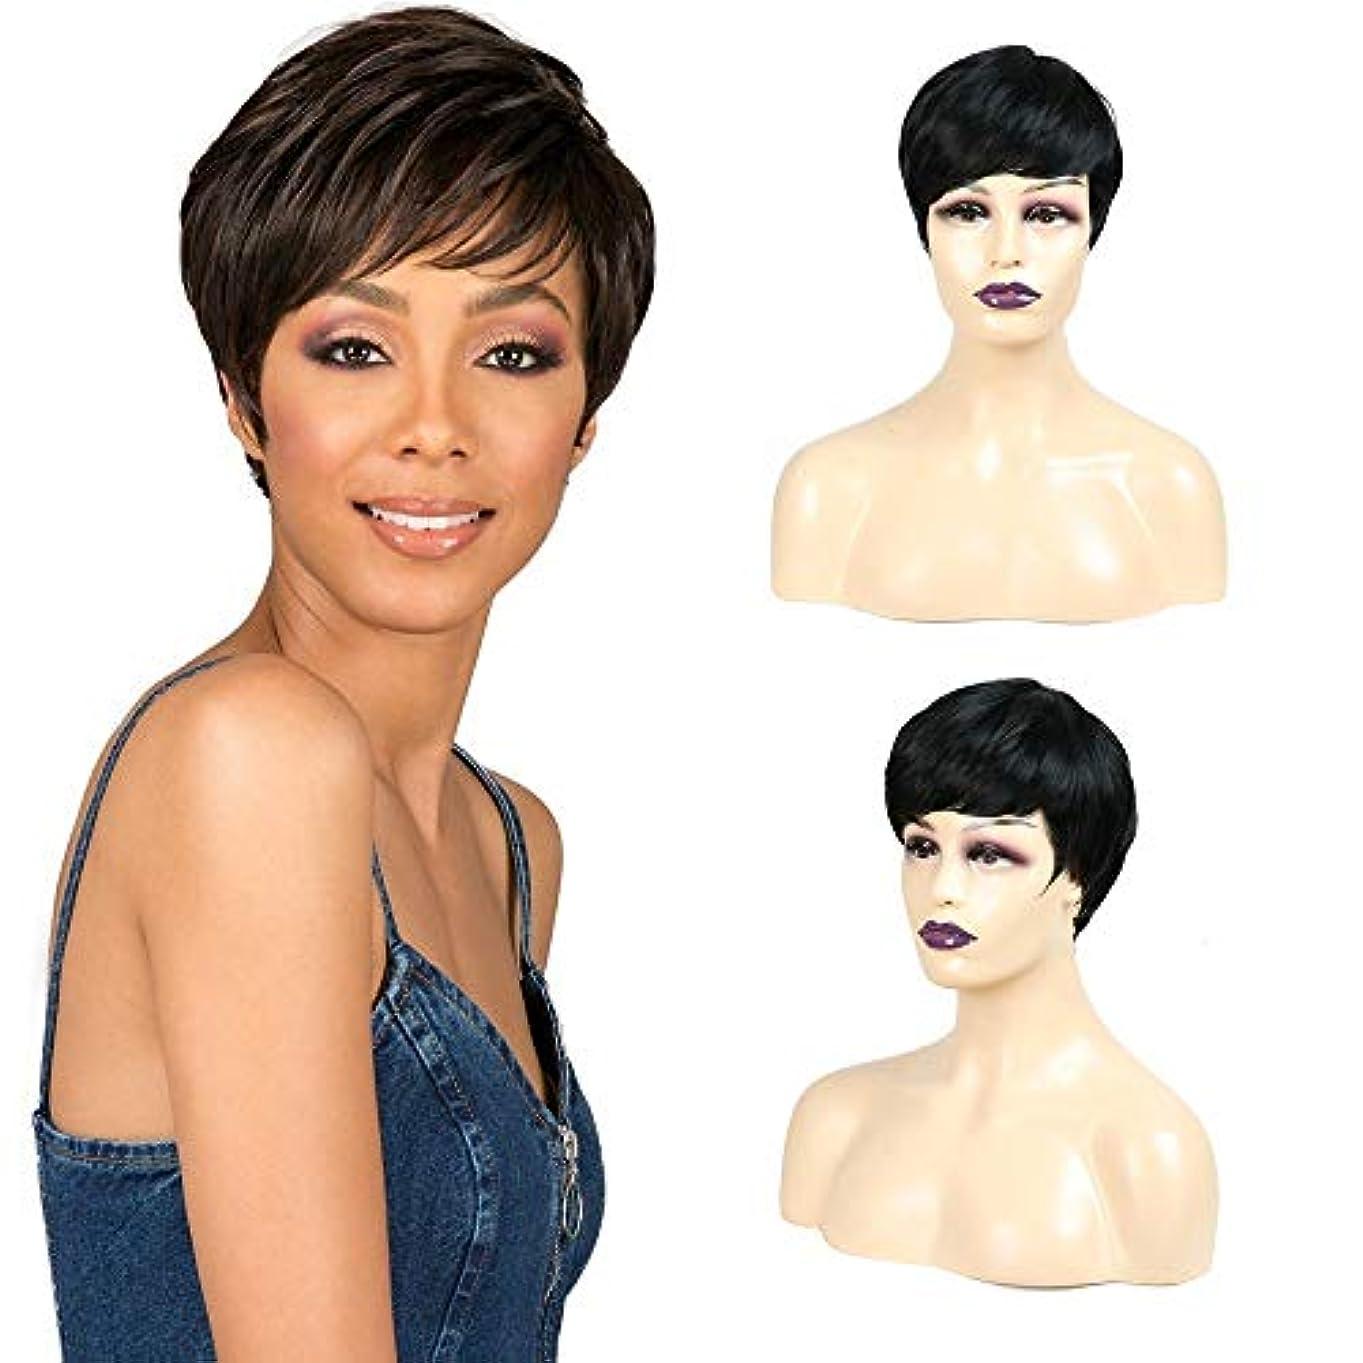 ありがたい起きている抵当Mayalina レディースショートストレートブラック人工毛ウィッグで上品なボブスタイルサイドパート髪の毎日の服装のかつら (色 : 黒)